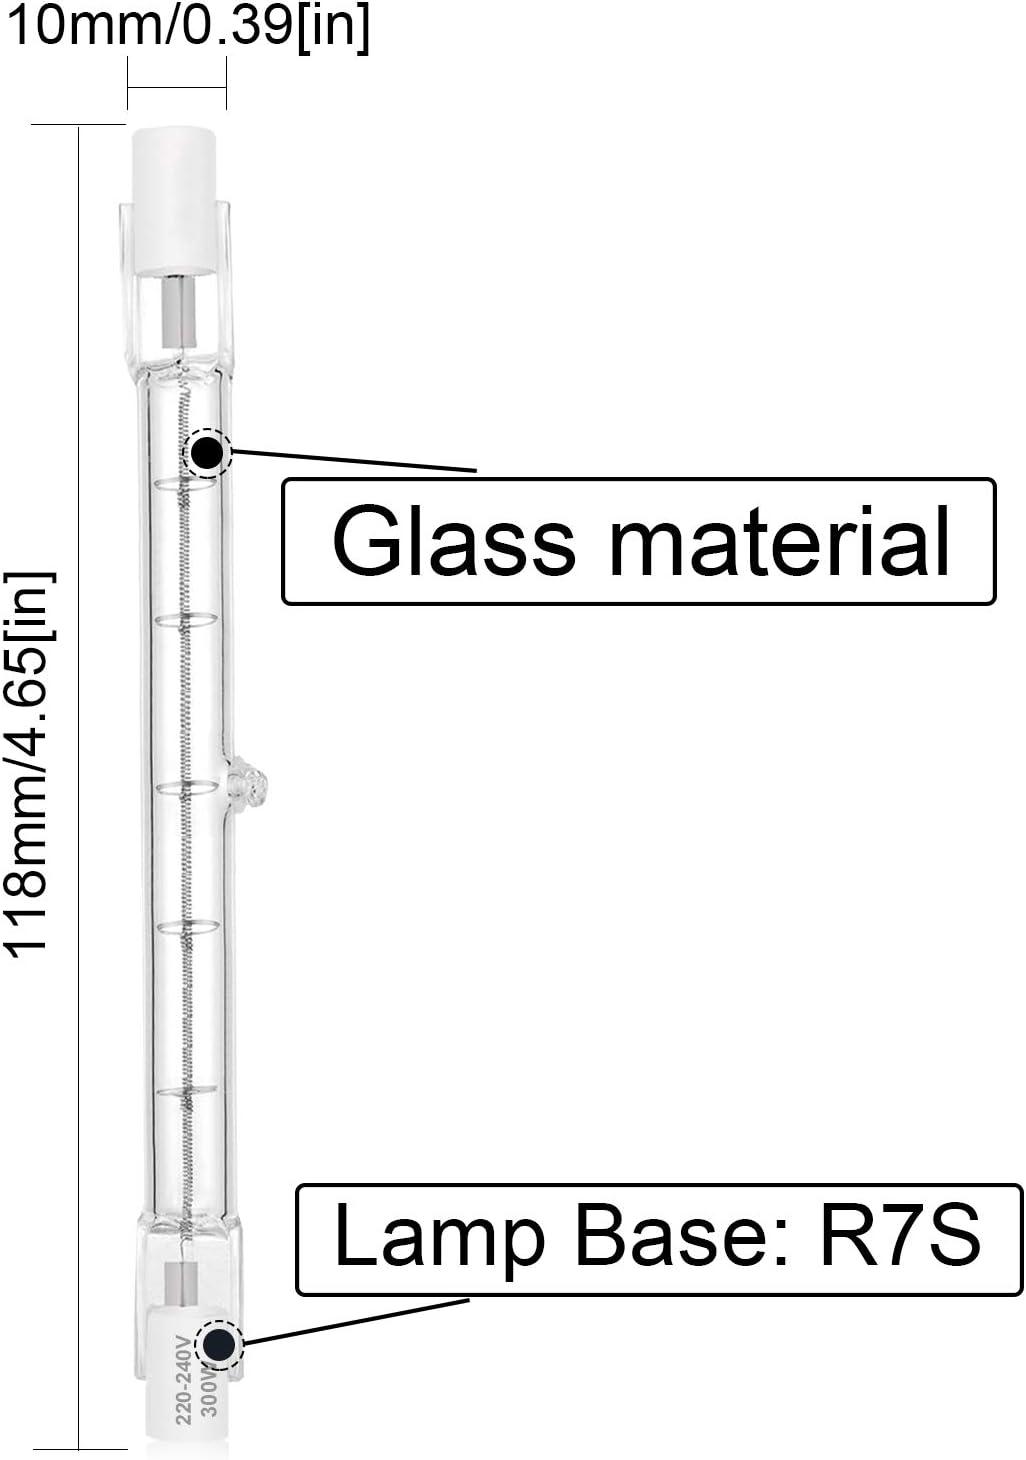 Confezione da 5 Dimmerabile J118 Alogena 300W Slim Lineare Bianco Caldo 2800K 5900lm Angolo del fascio di 360 gradi Bonlux R7S Lampada Alogena Lineare 118mm